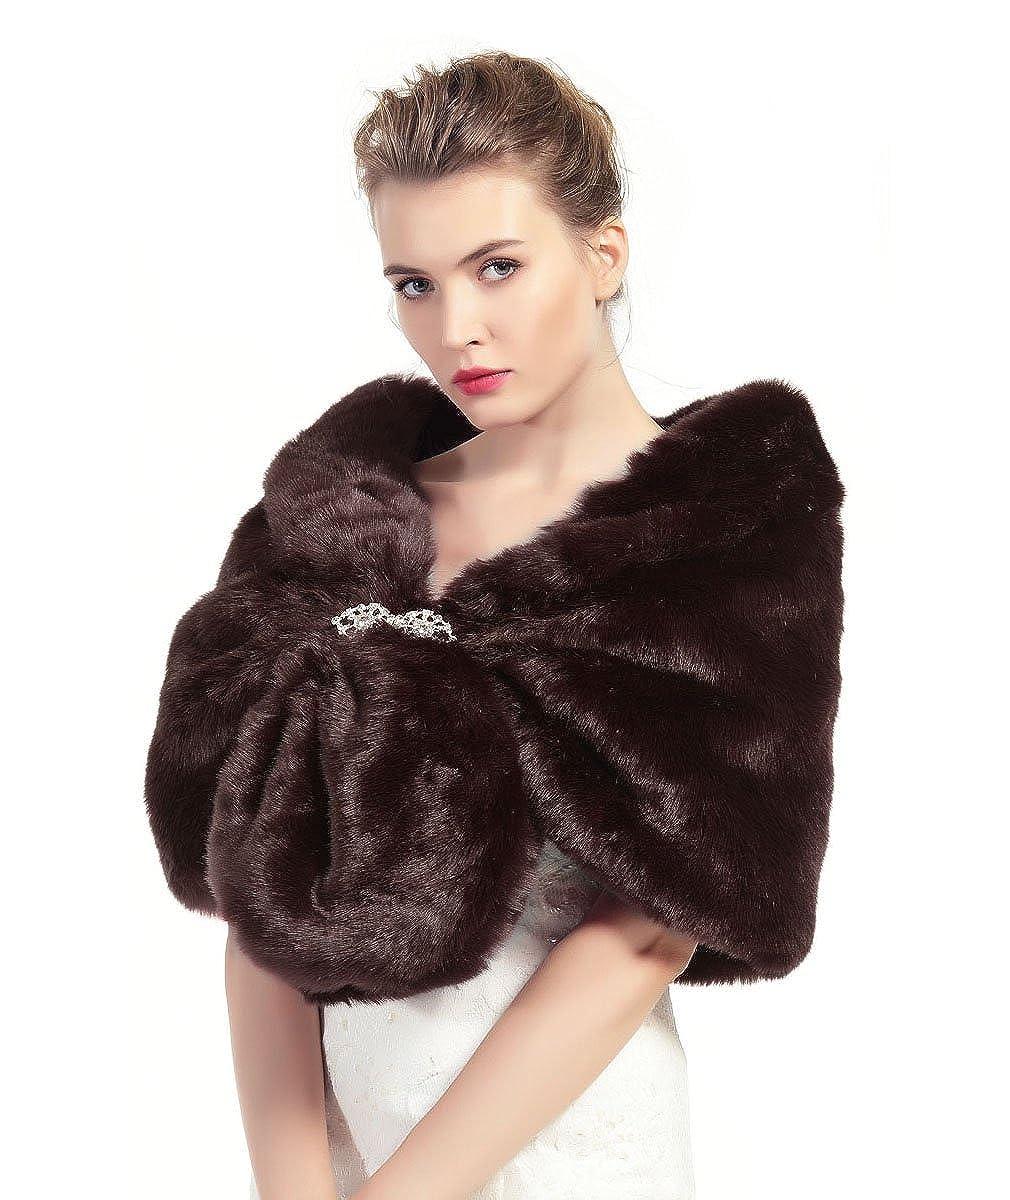 Faux Fur Shawl Wrap Stole Shrug Winter Bridal Wedding Cover Up Size L M Shawl-33